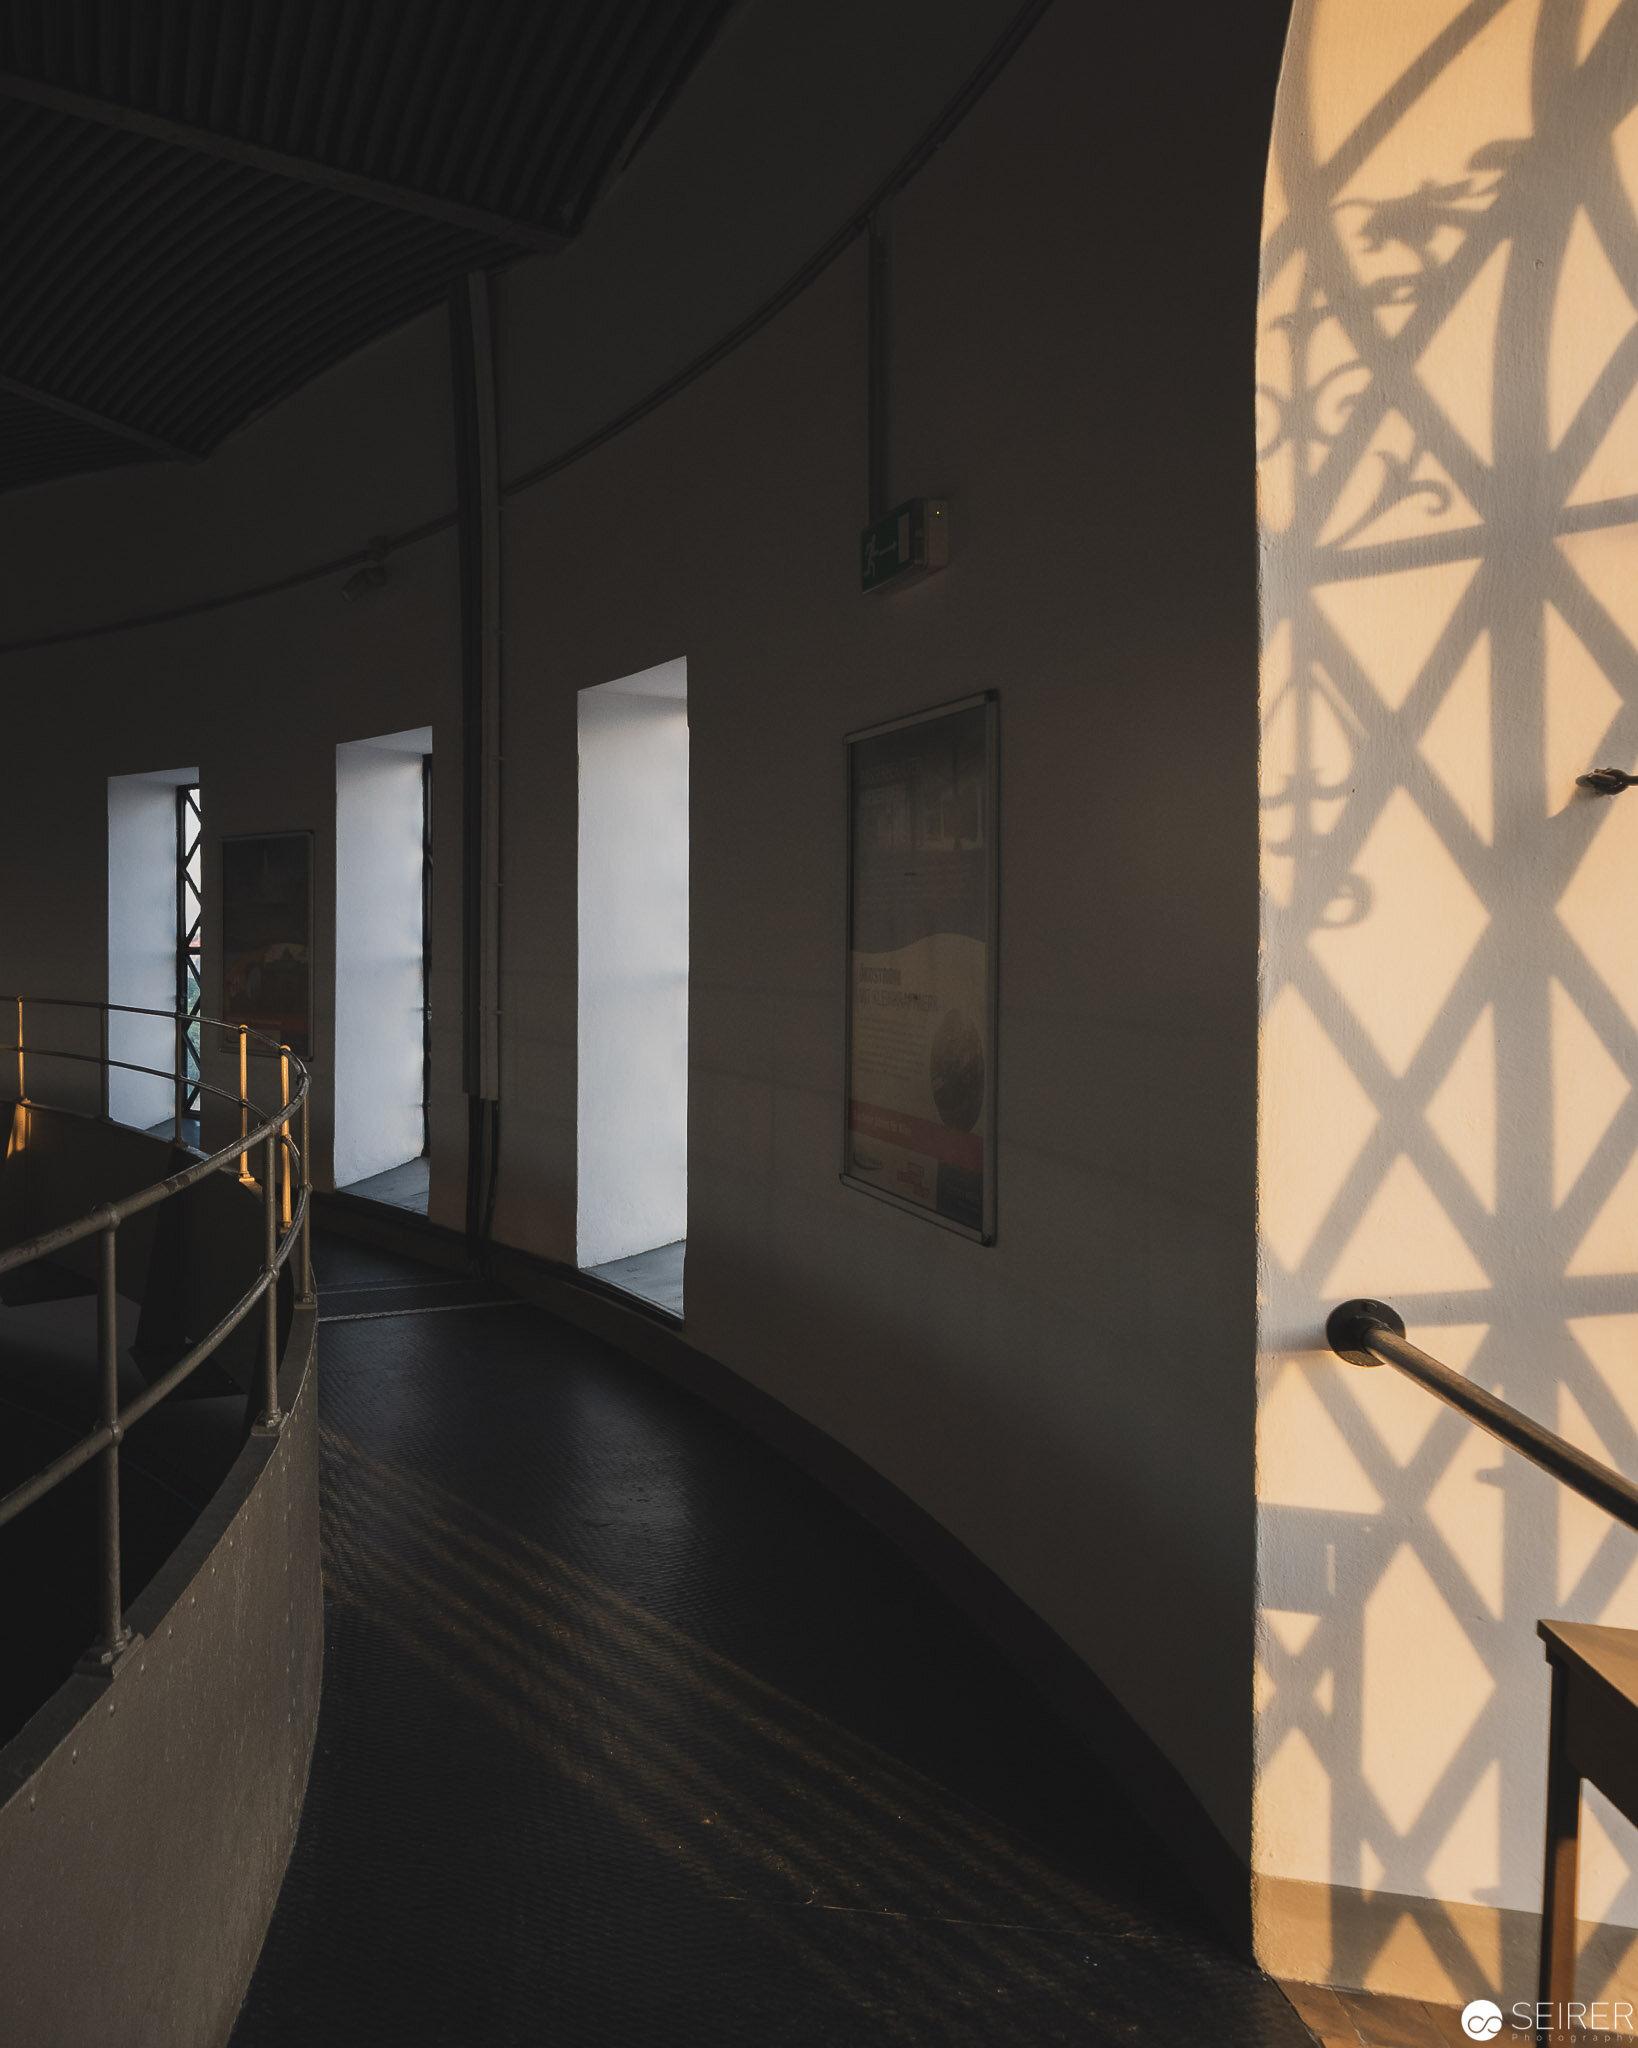 Spannende Schattenspiele kurz vor Sonnenuntergang - Wasserturm Favoriten